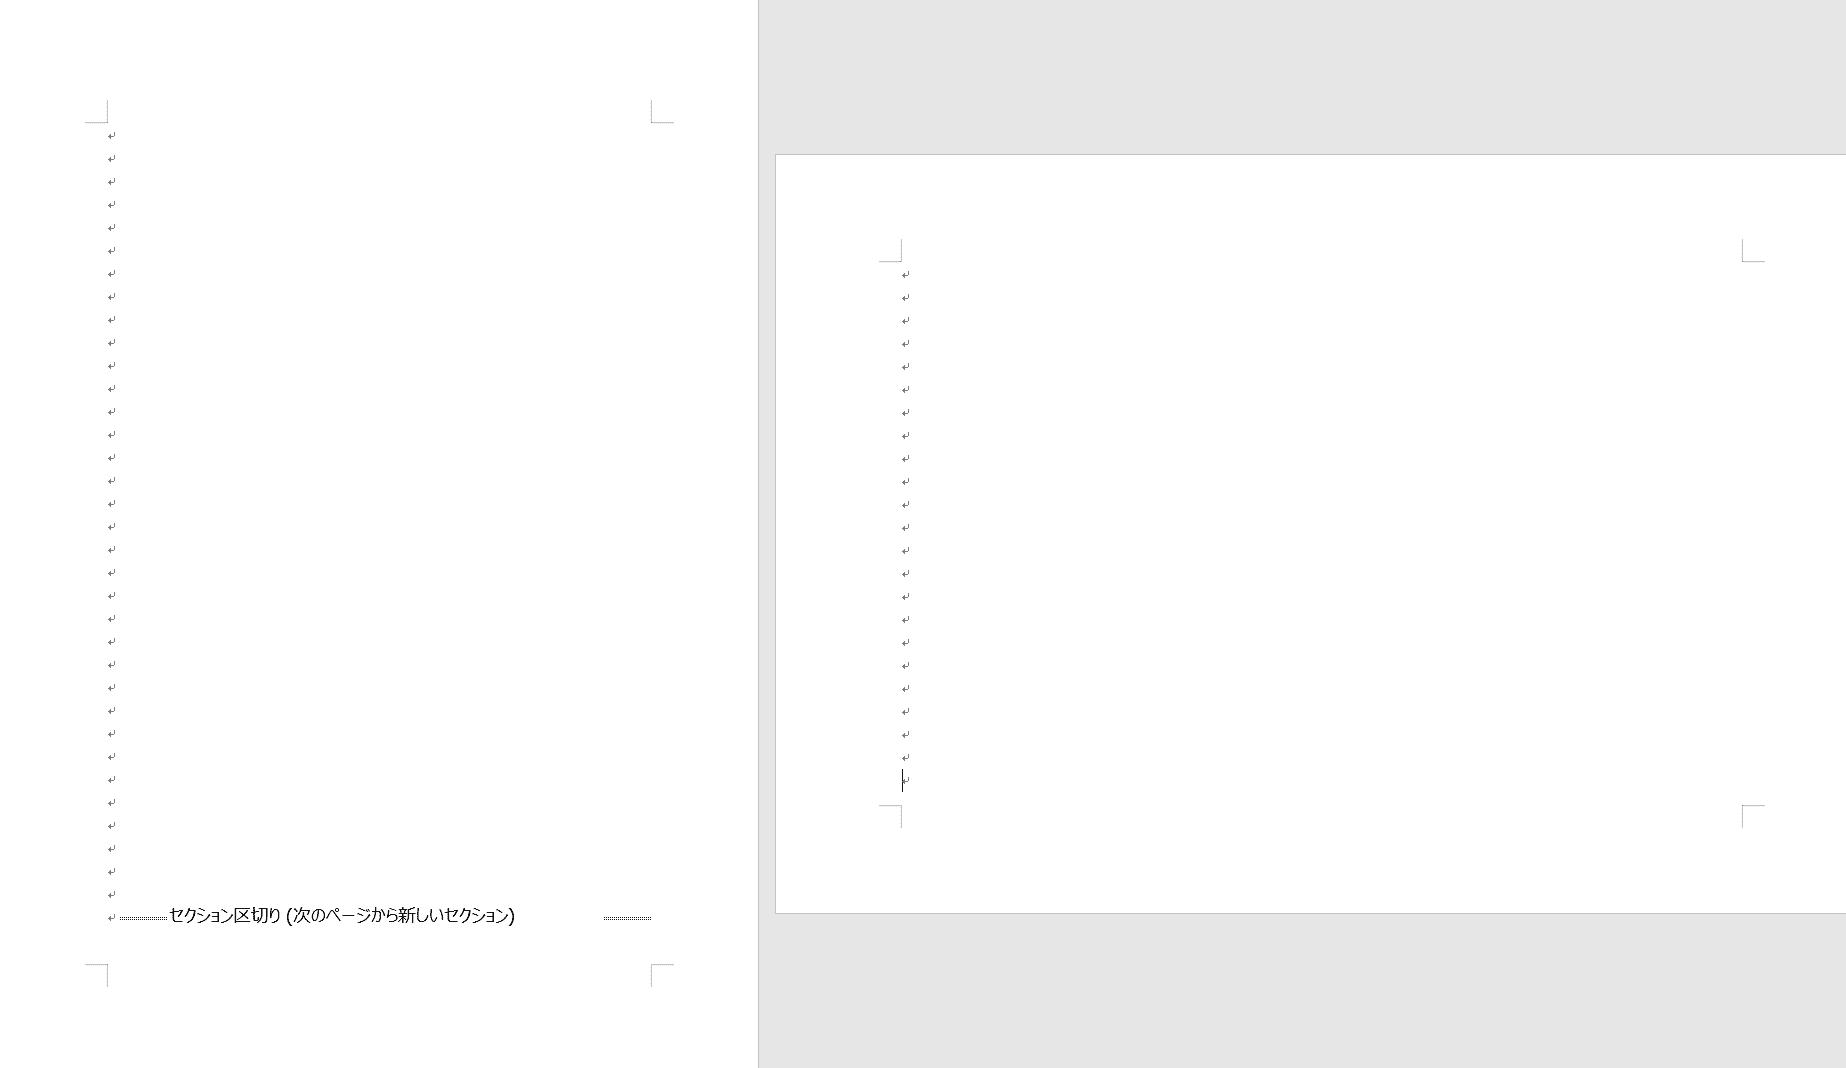 後のページが横